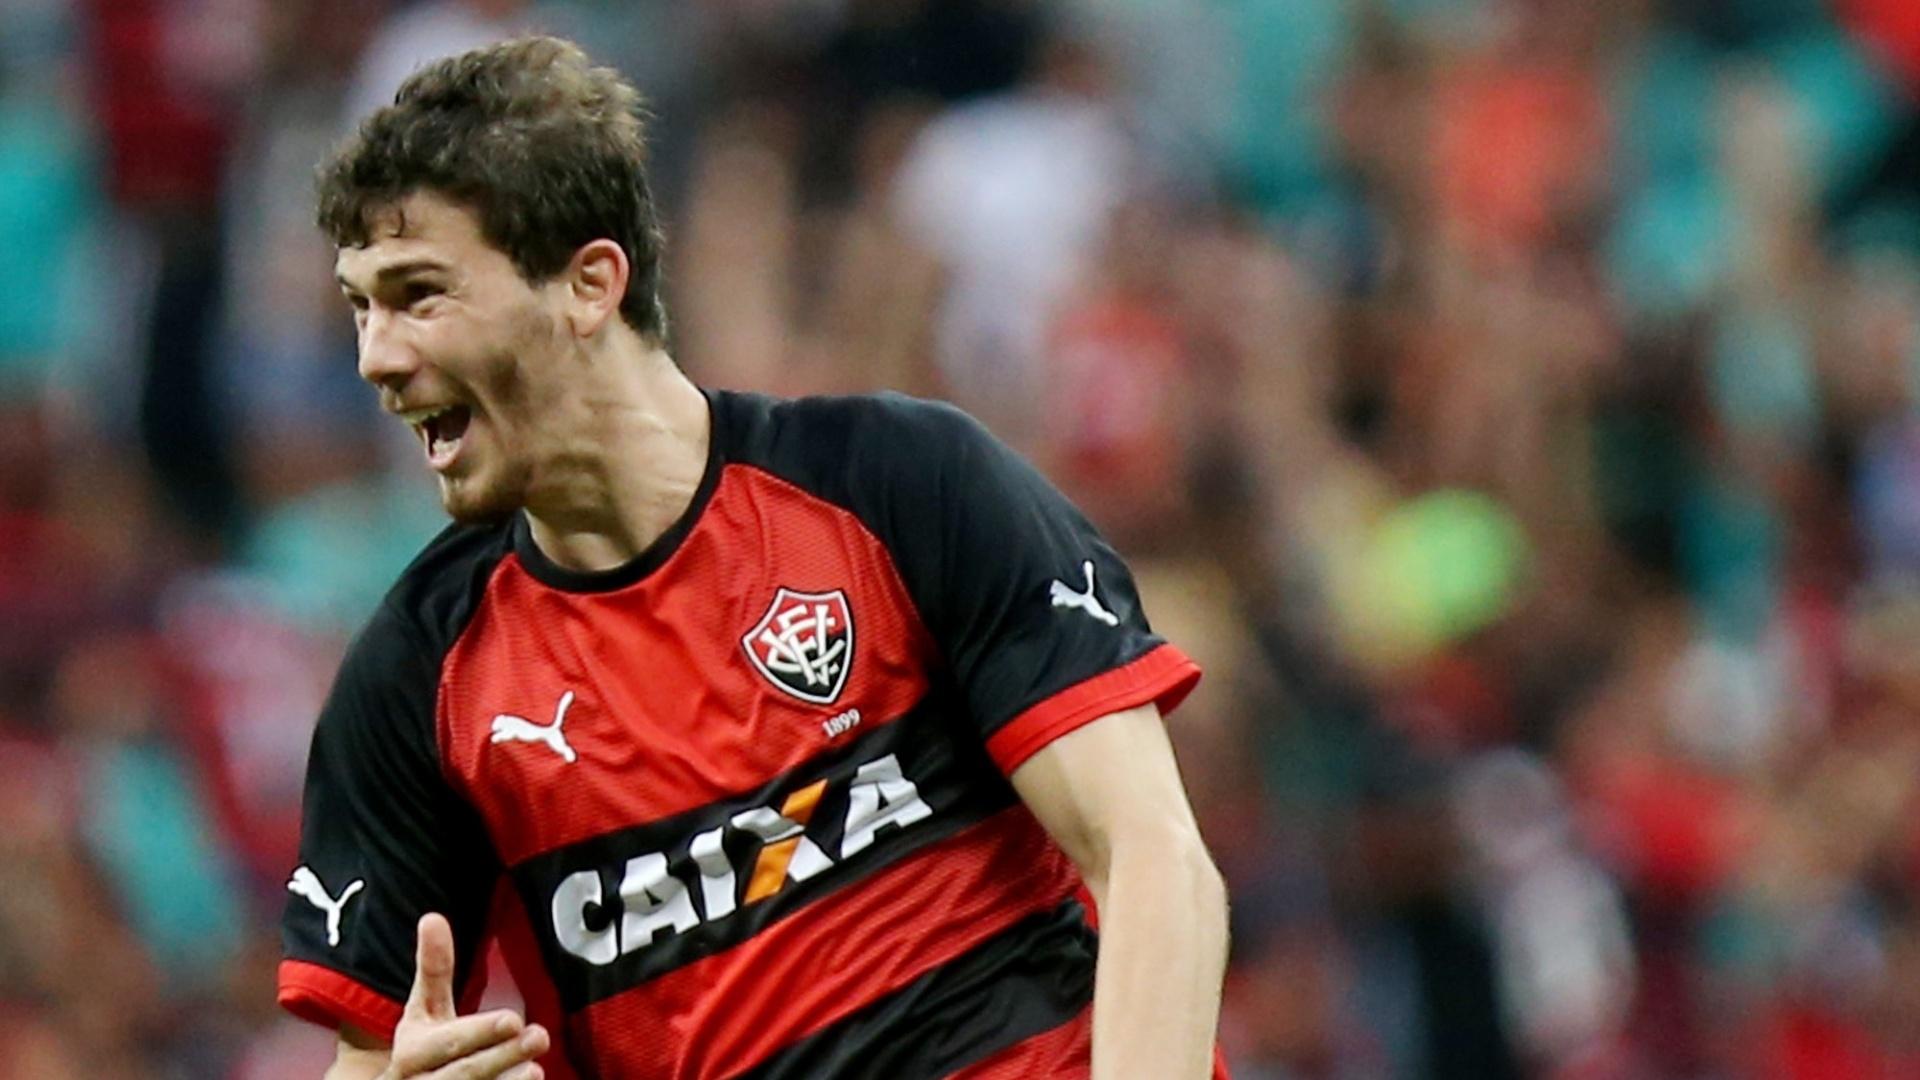 21. set. 2014 - Luiz Gustavo, do Vitória, comemora gol marcado contra o Bahia